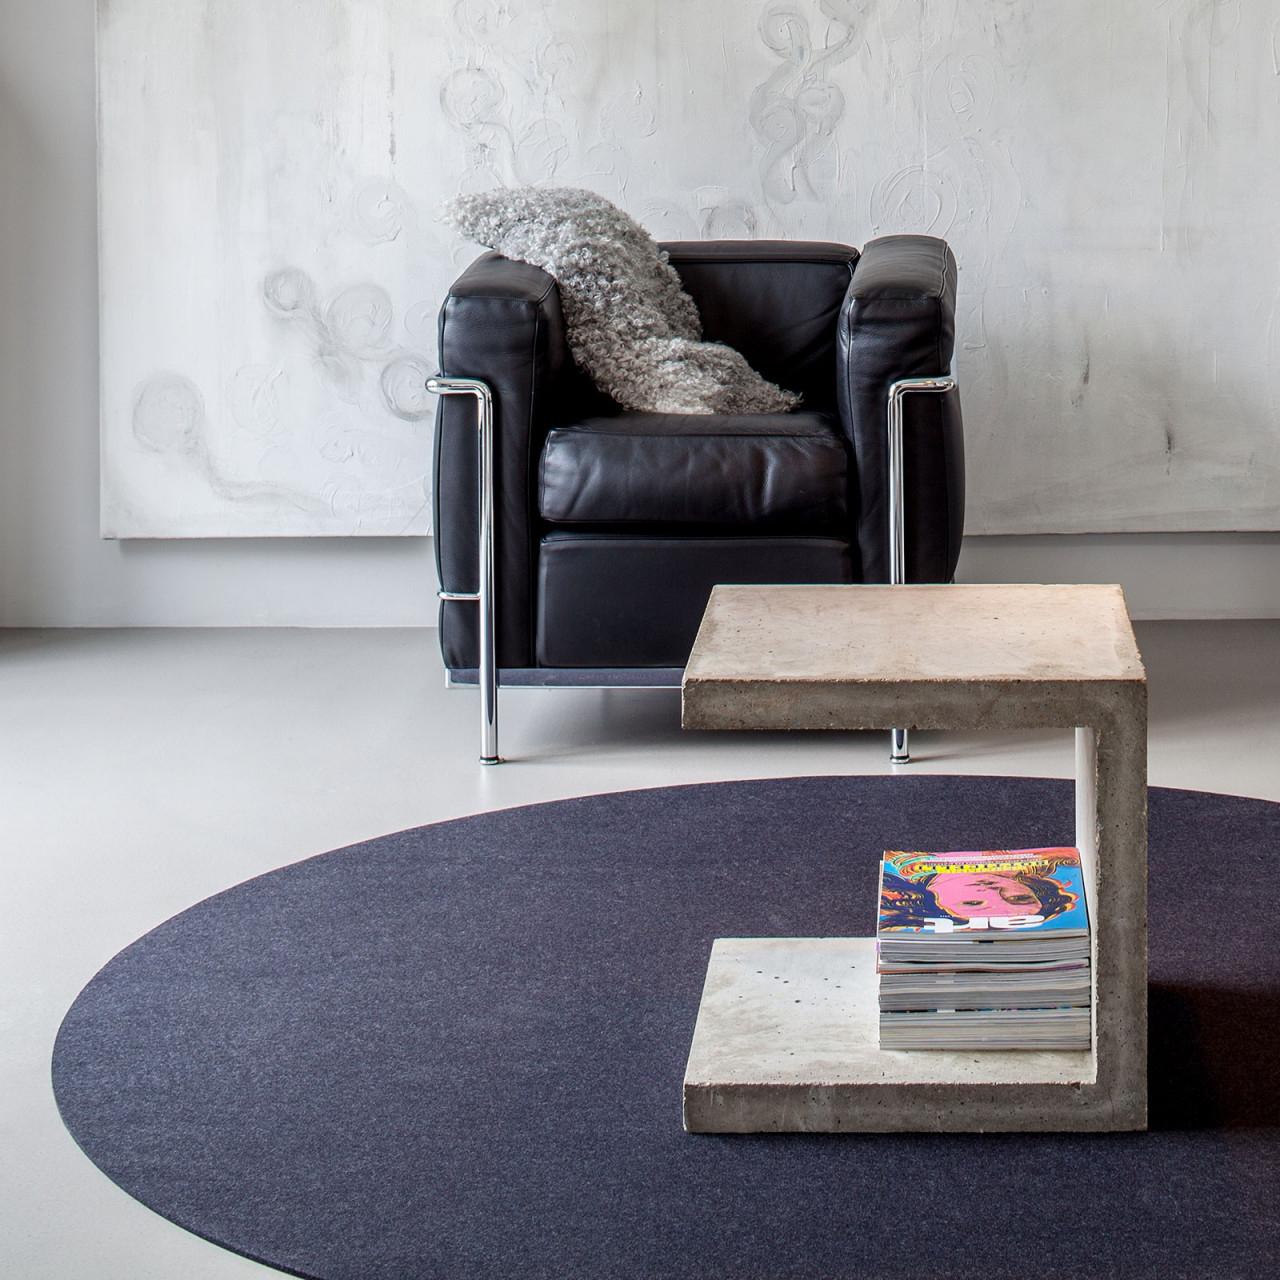 Hey Sign Filzteppich Bigdot Teppich Rund Verschiedene Größen Und Farben   Trendeshop von Wohnzimmer Teppich Rund Photo